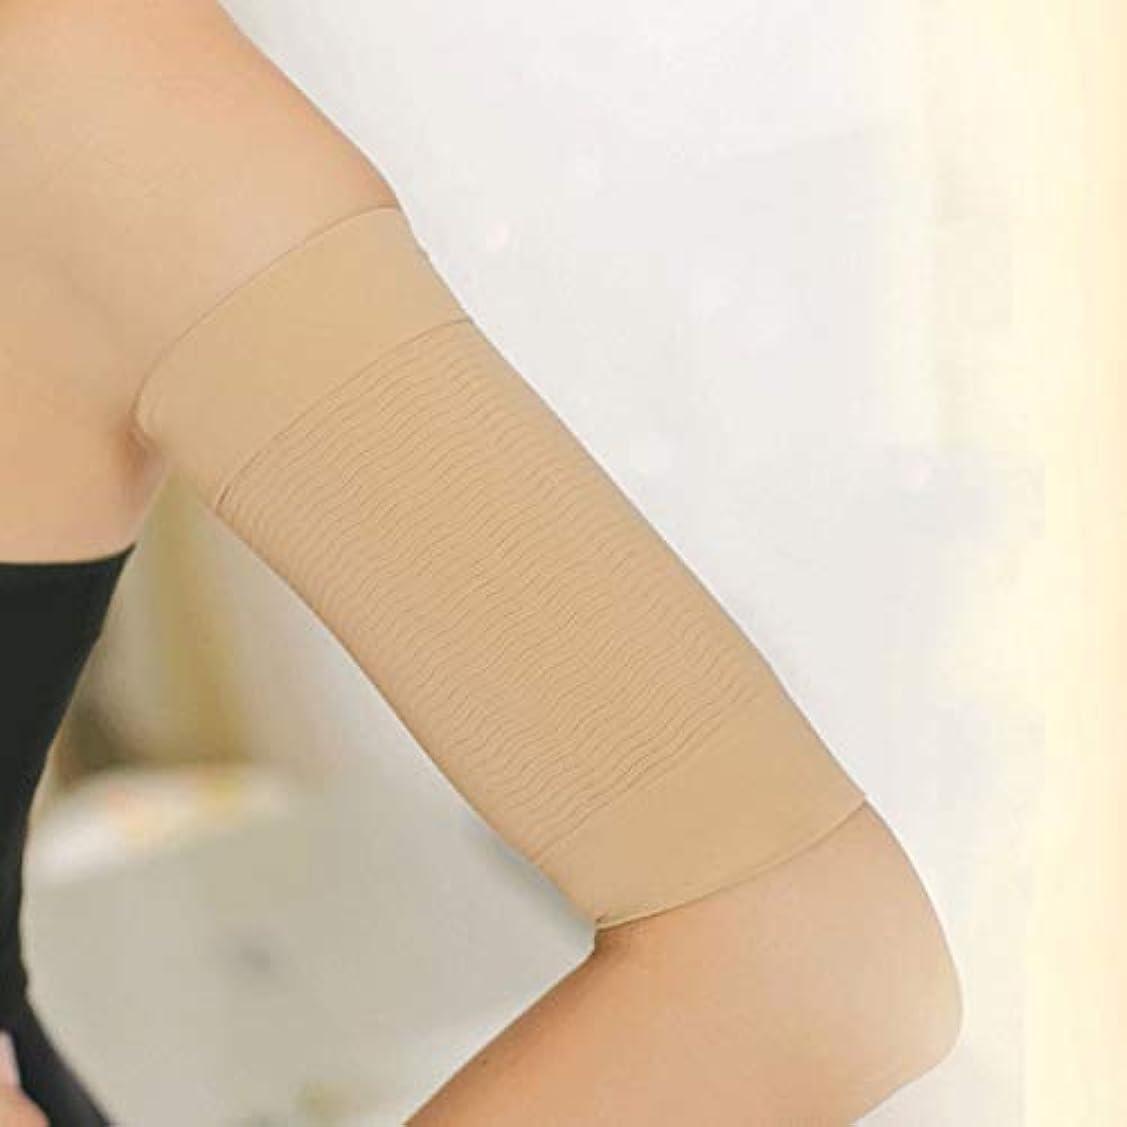 1ペア420 d圧縮痩身アームスリーブワークアウトトーニングバーンセルライトシェイパー脂肪燃焼袖用女性